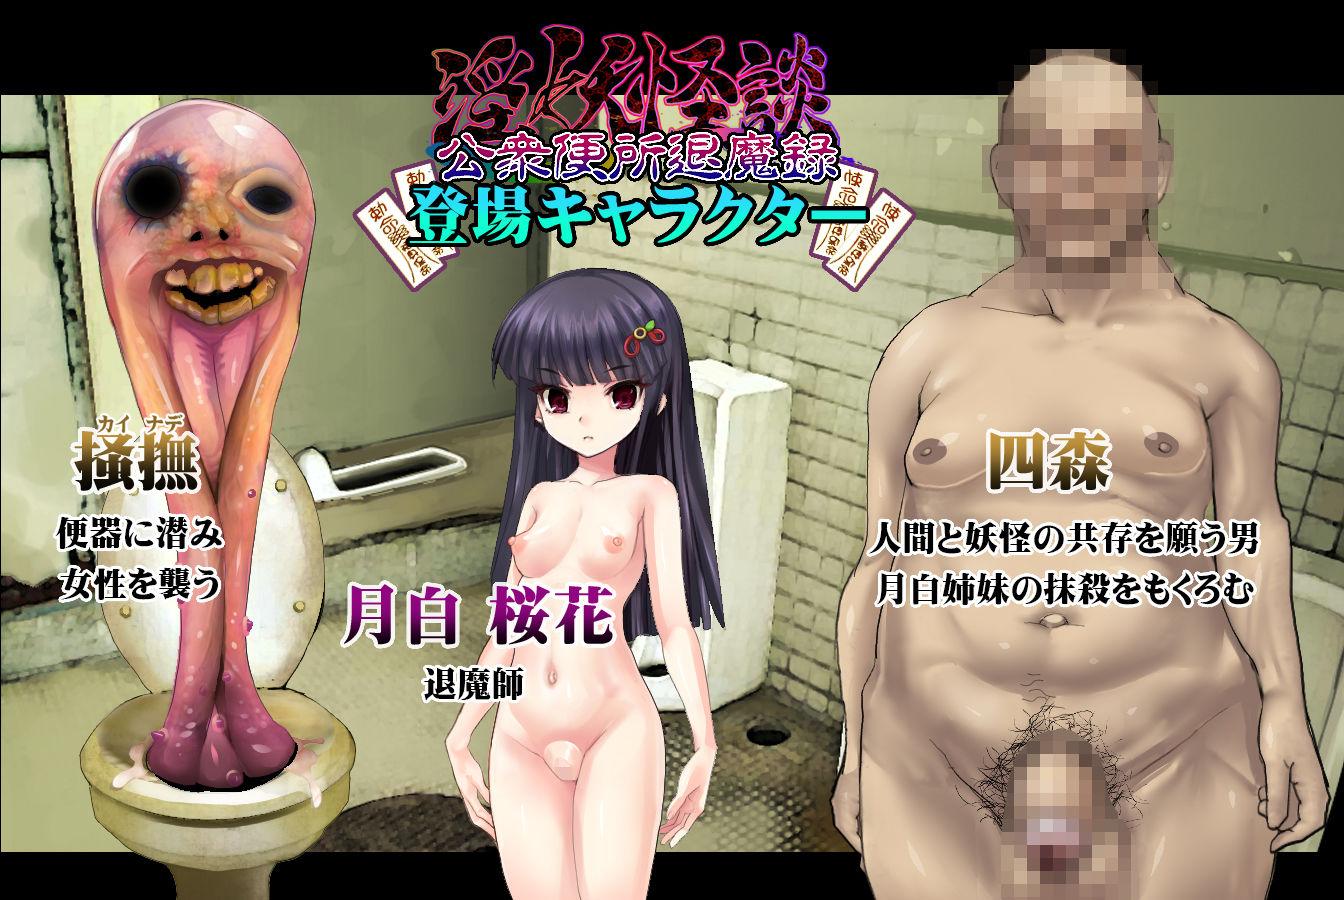 【新世界漫画研究会 同人】淫妖怪談公衆便所退魔録